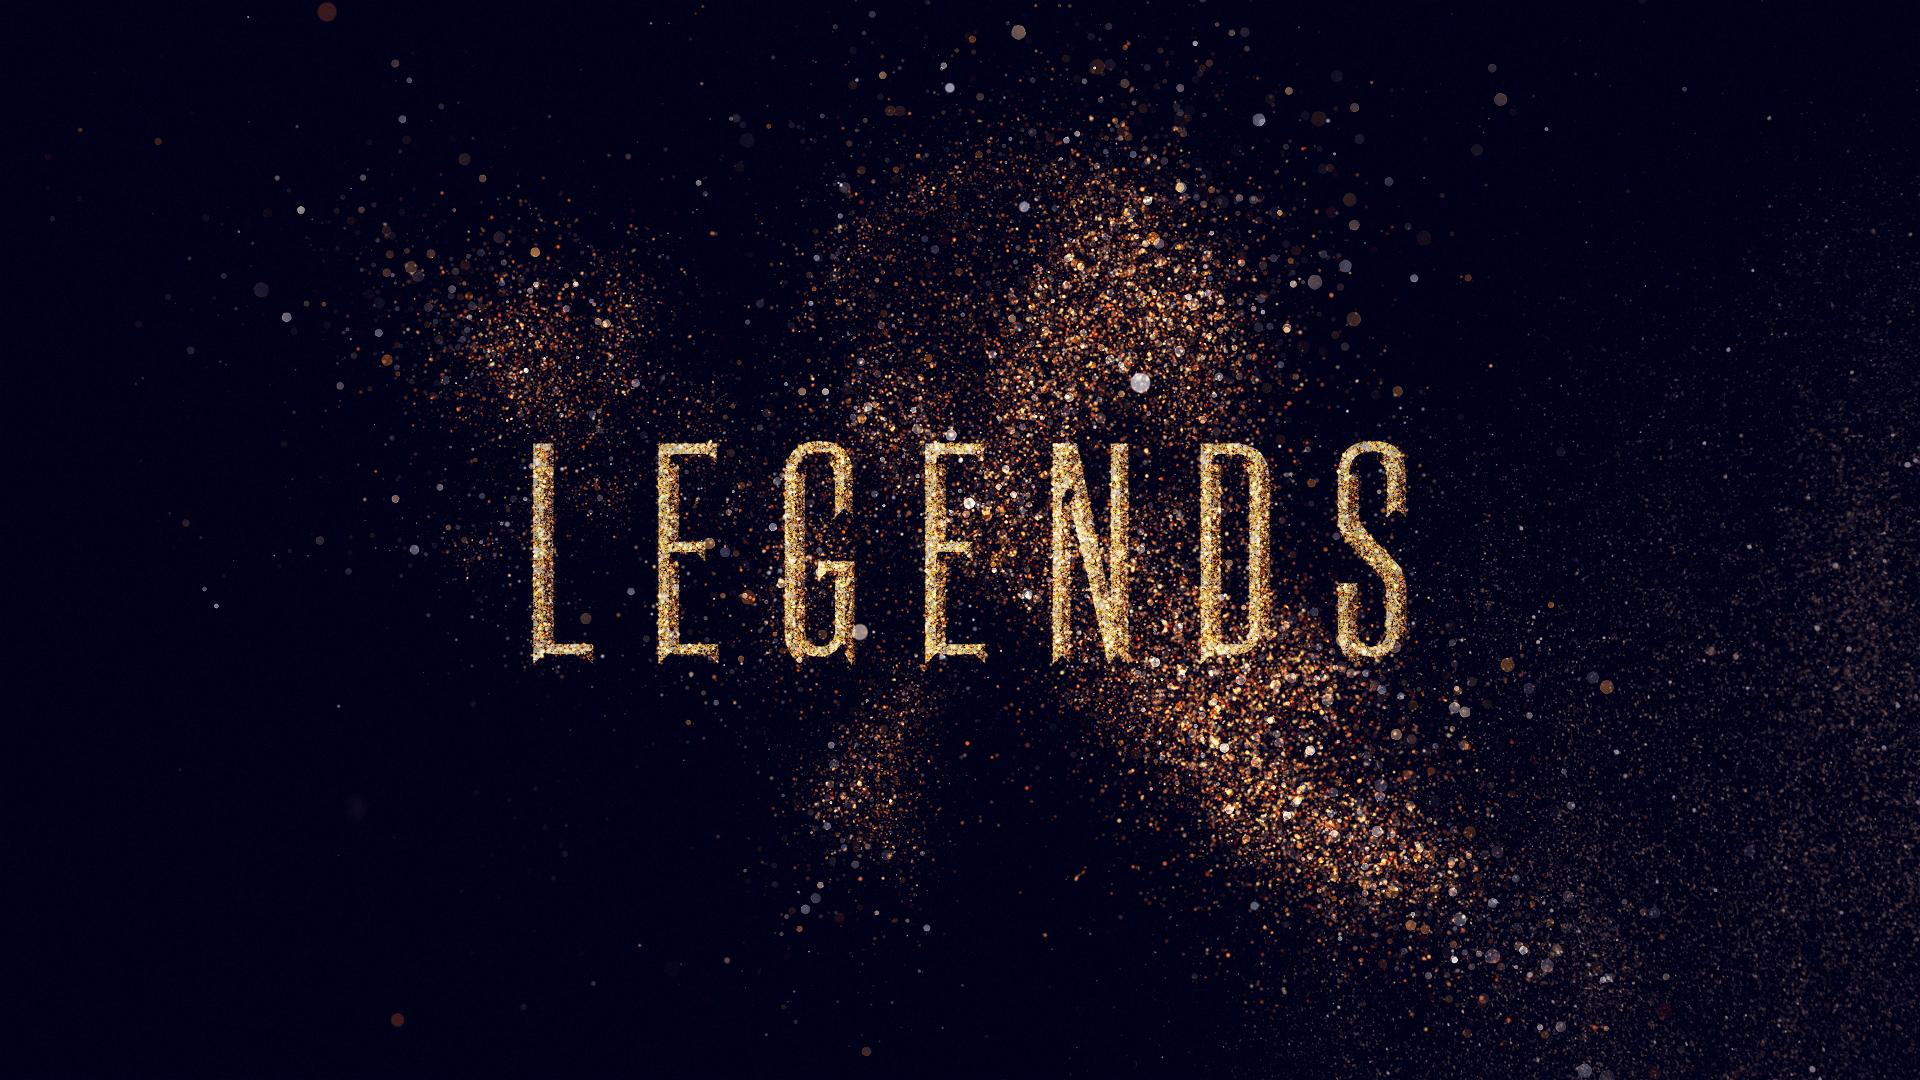 Legends_Sequence_V1 (0-00-17-23).jpg